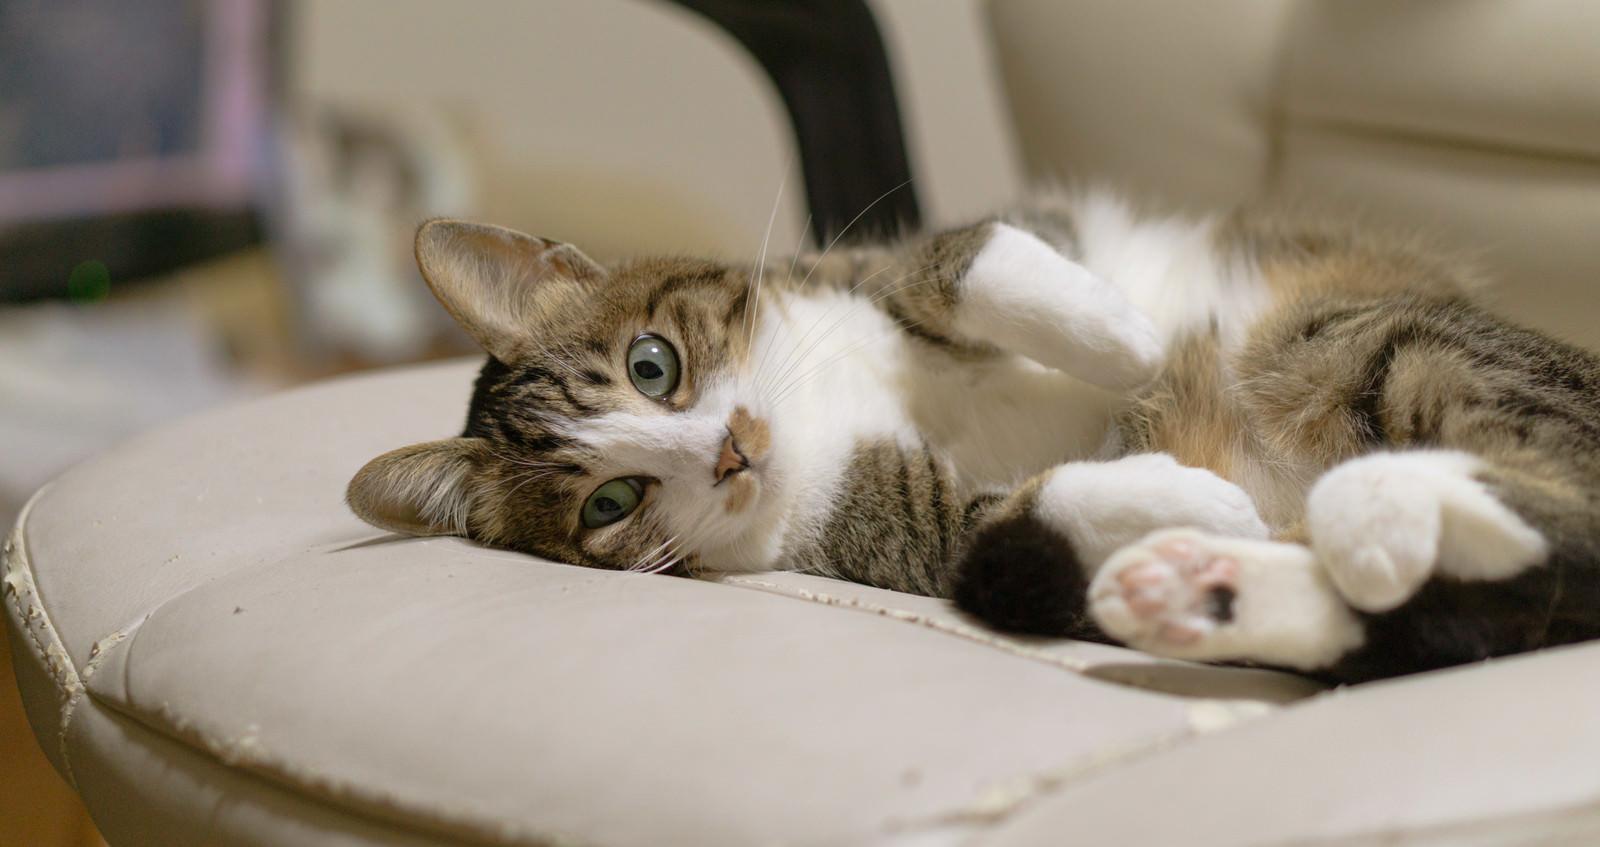 「ご主人様の座っている椅子でごろん(猫)」の写真